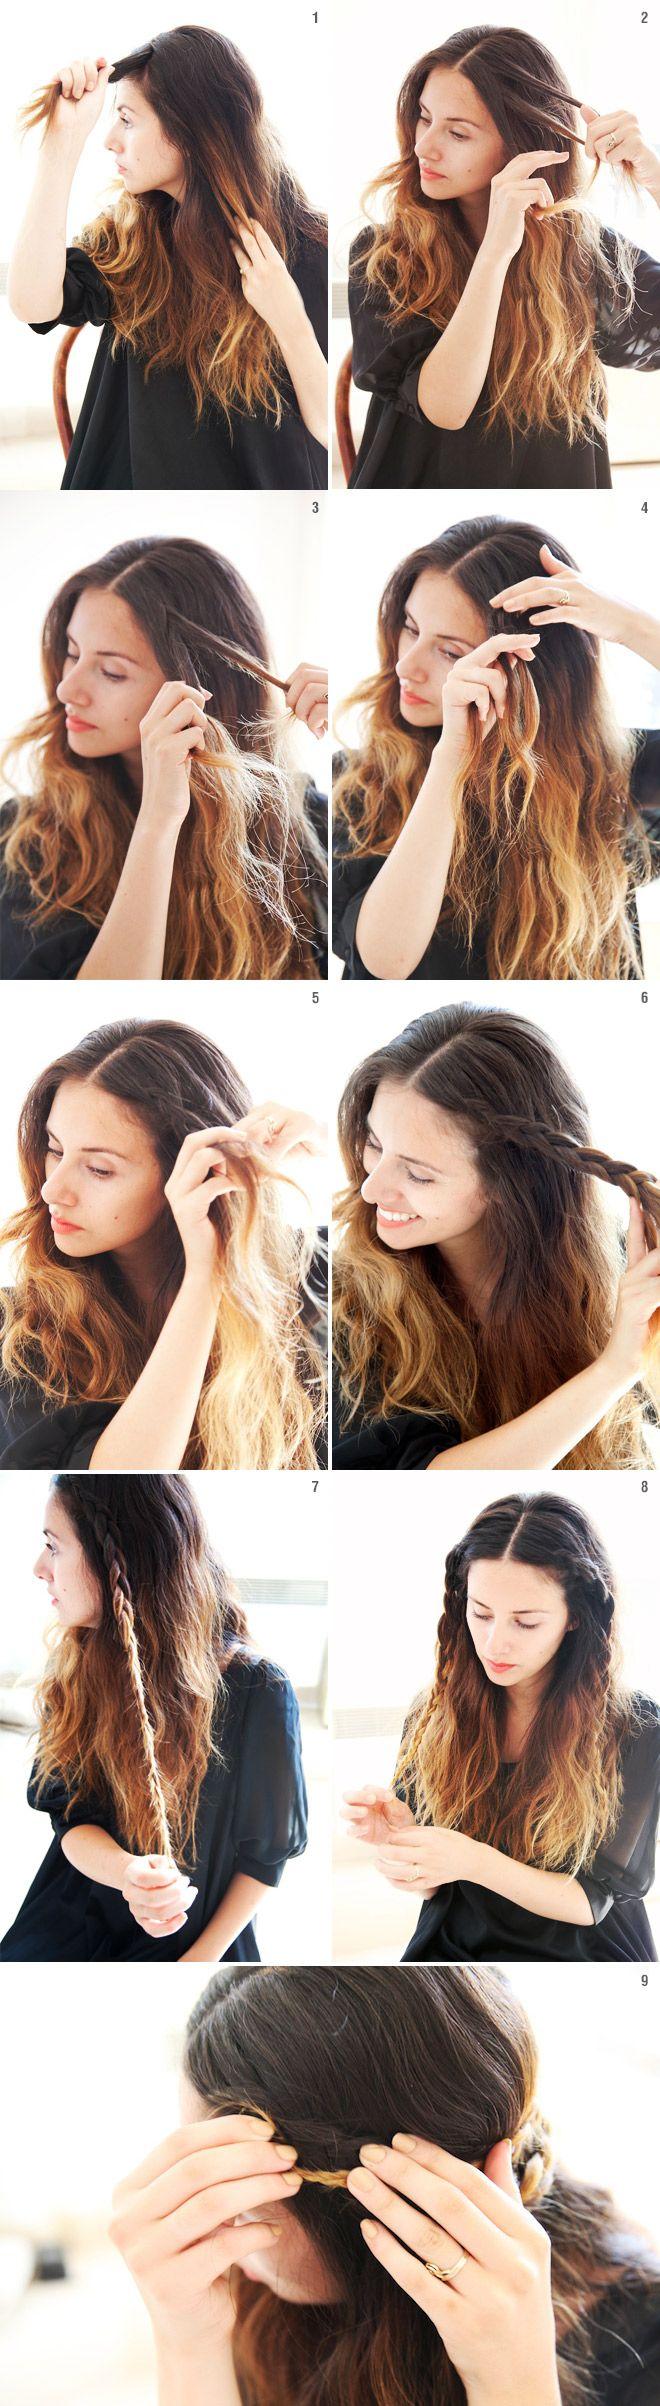 She Lets Her Hair Down Tutorial Mini Crown Braid Hair<3